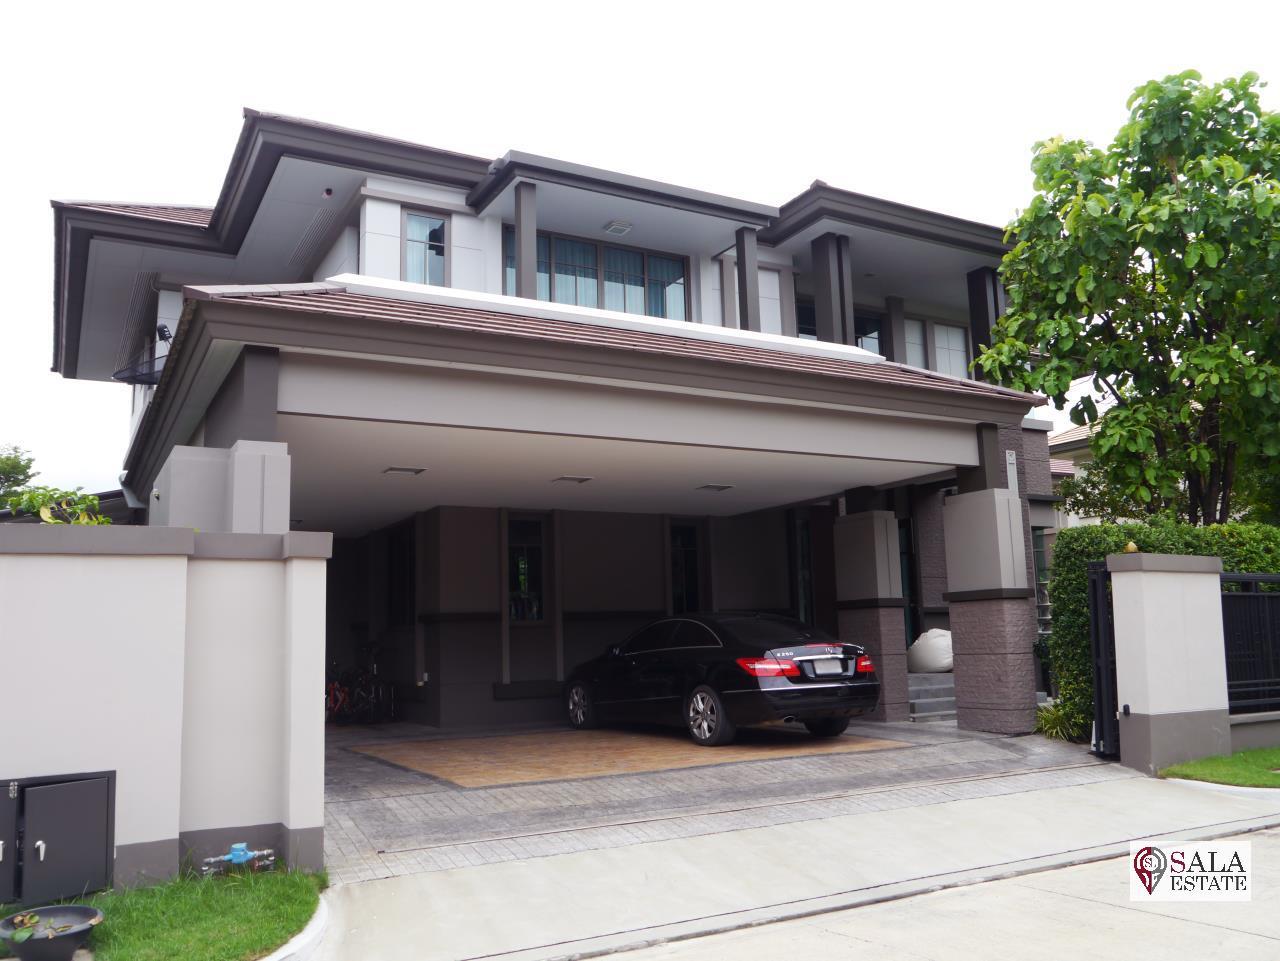 ขาย บ้าน แขวงบางเชือกหนัง เขตตลิ่งชัน กรุงเทพมหานคร, ภาพที่ 2